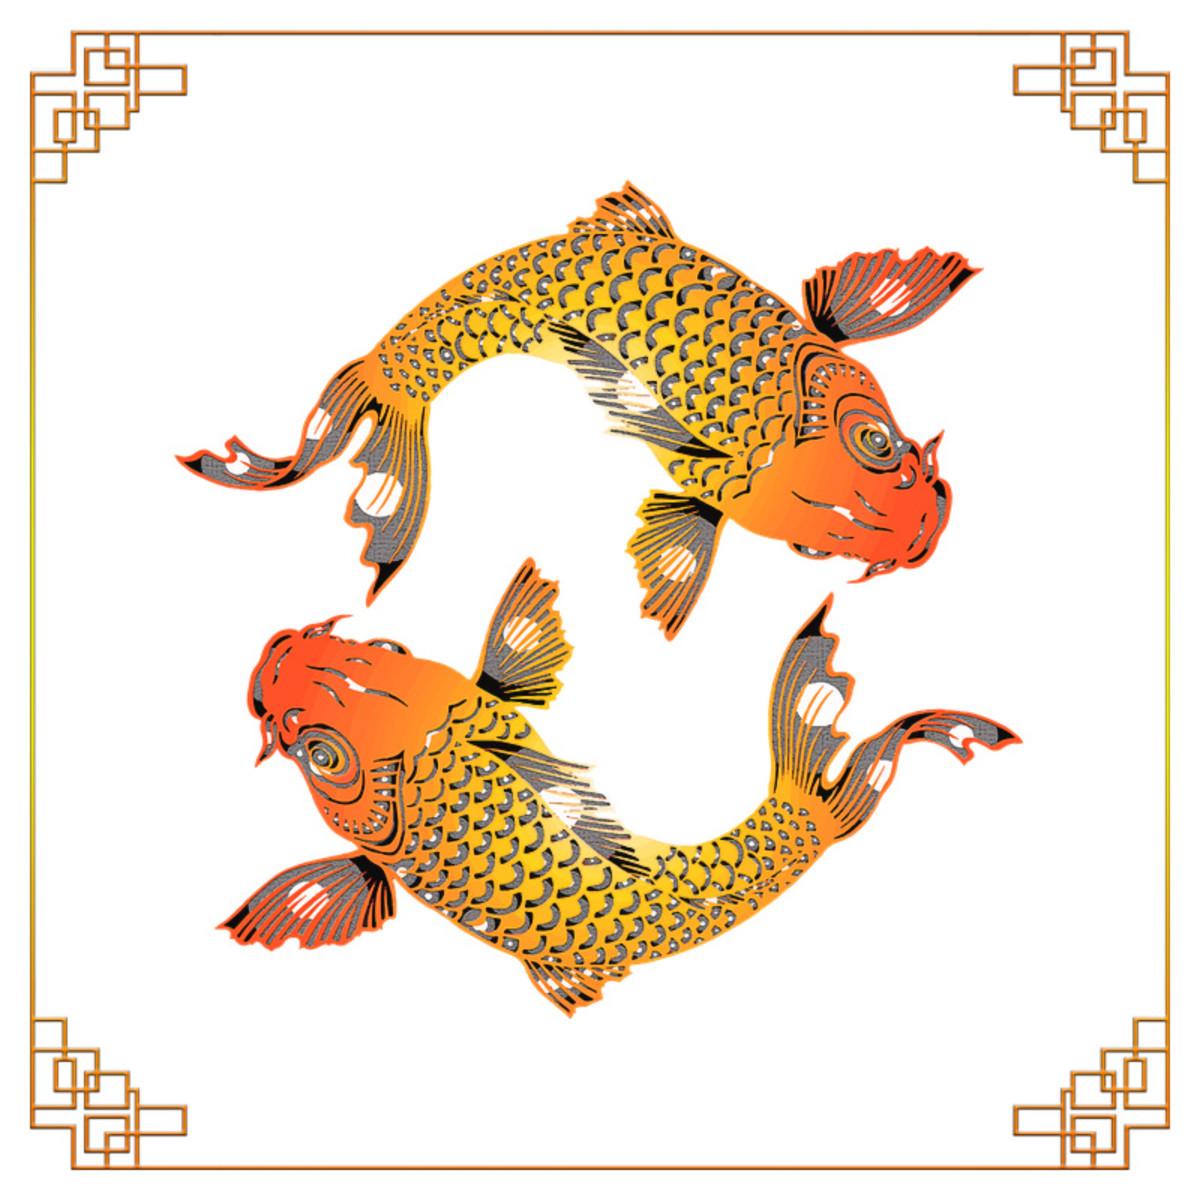 Chinese carps. An aspiration for abundance.